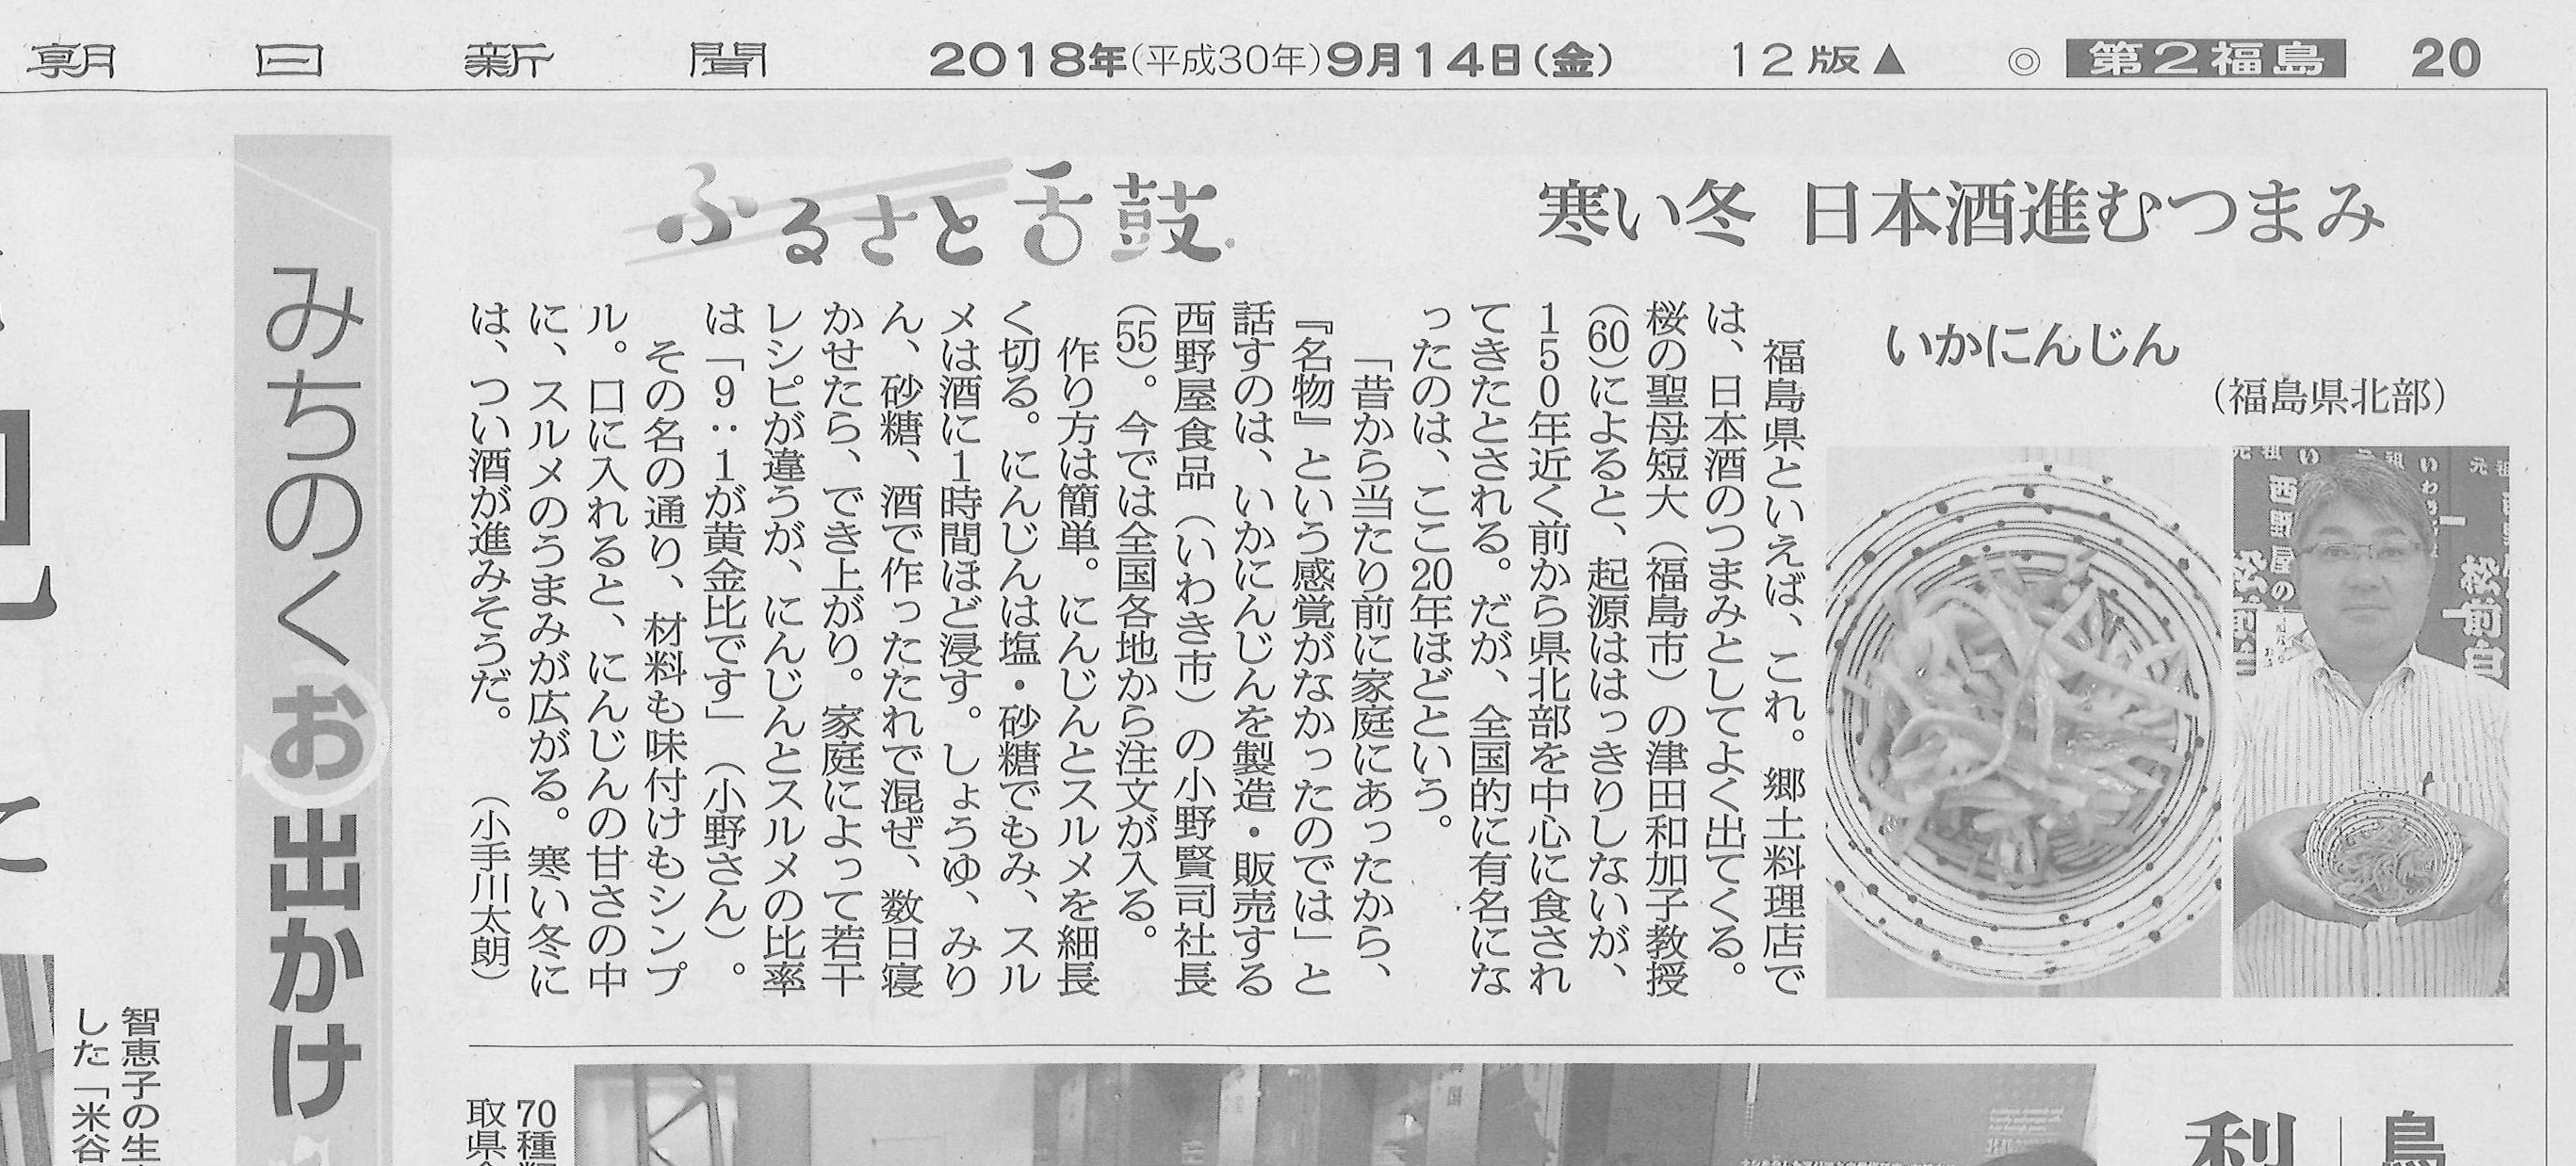 いか人参 レシピ 人気 福島郷土料理 いかにんじん 由来 作り方 通販 購入 販売 西野屋 ケンミンショー